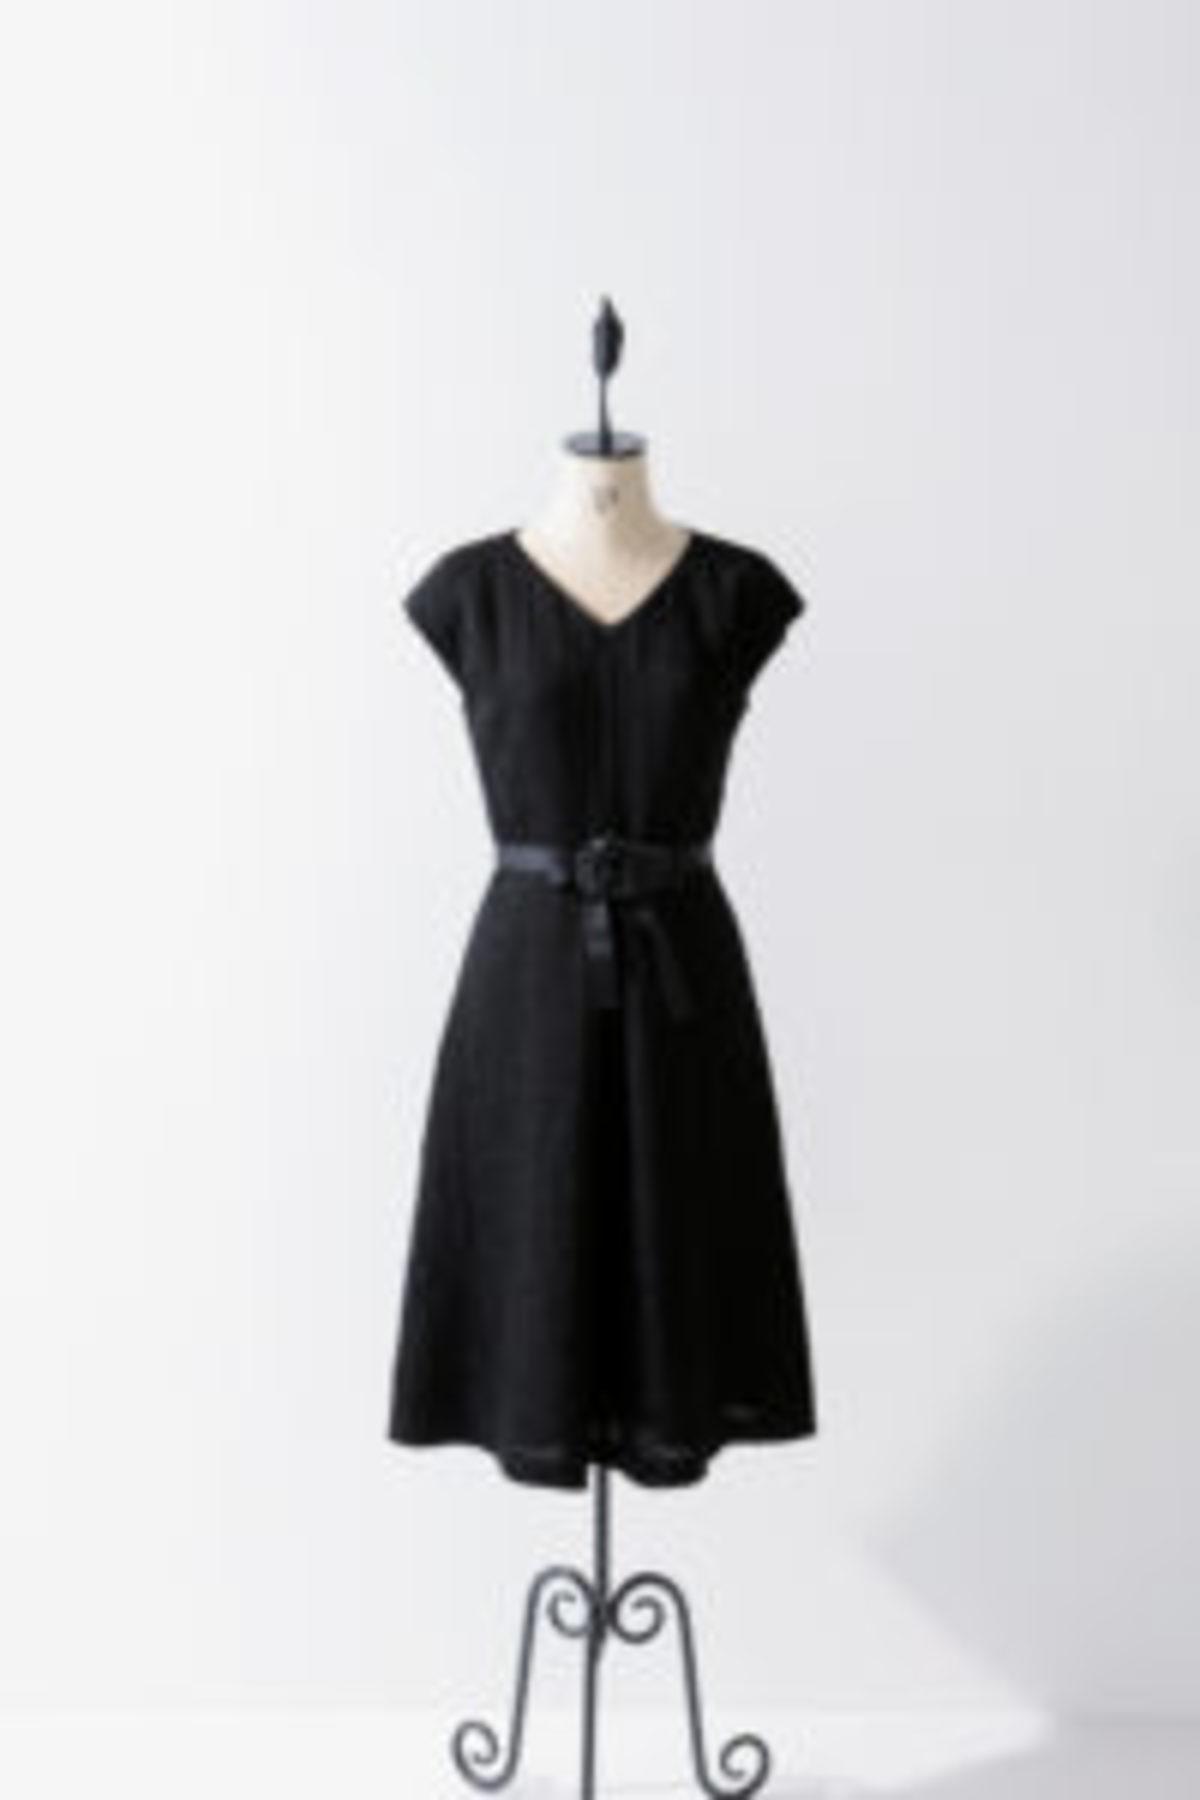 robe avec fermeture à glissiere invisible